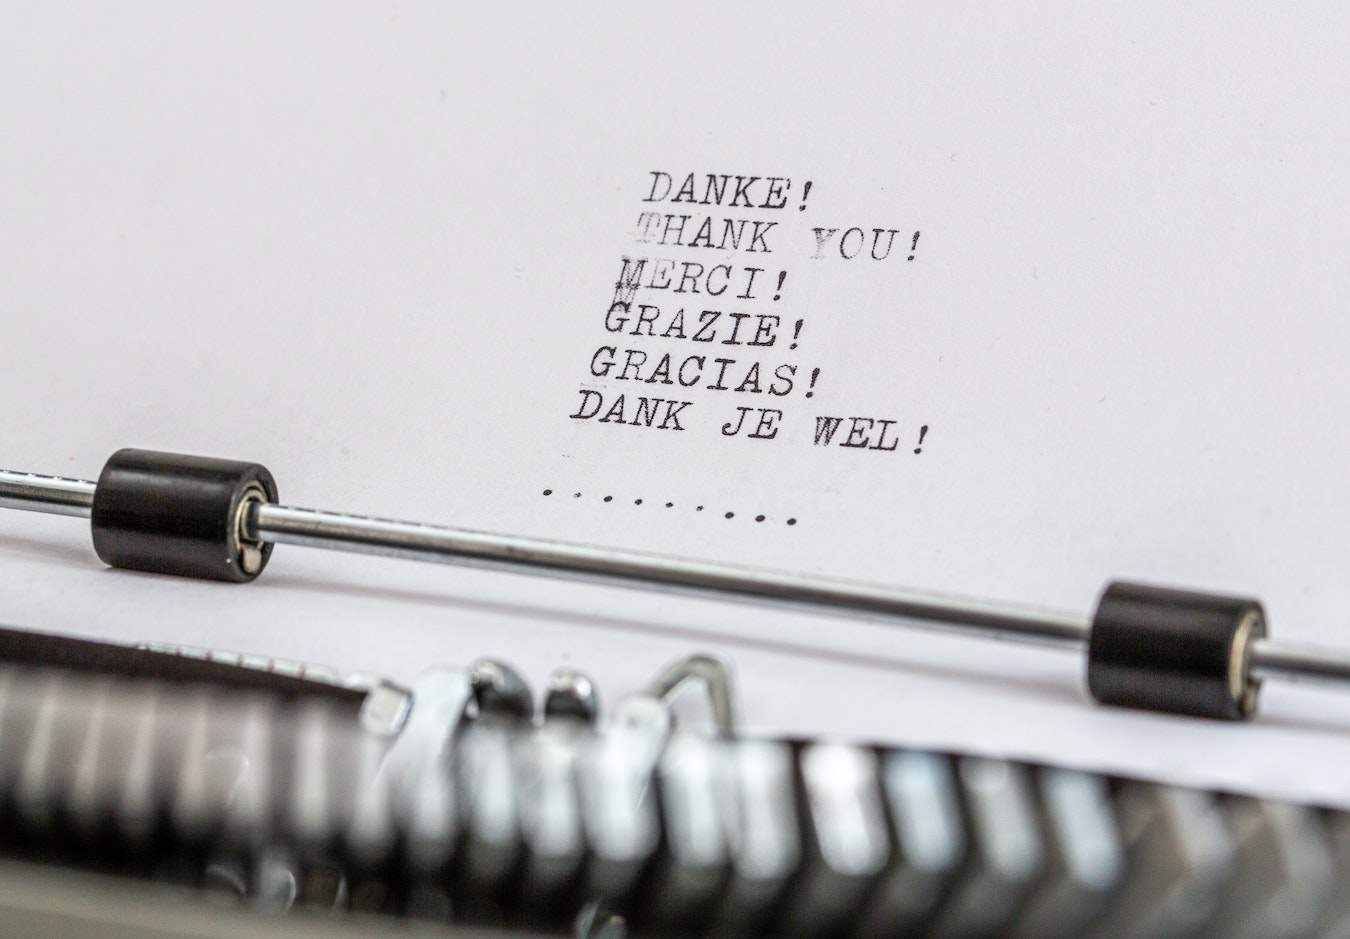 Schreibmaschine Text Danke in verschiedenen Sprachen Dankbarkeit gegen negative Gedanken